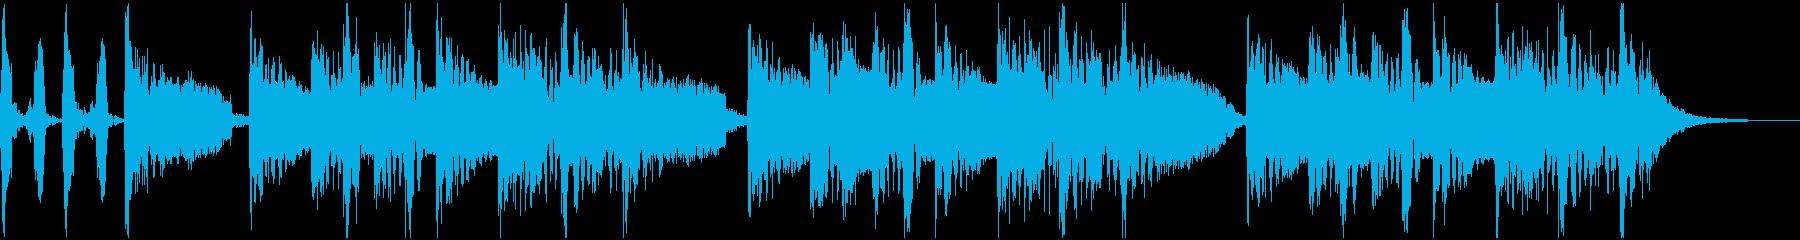 アメリカのDJ、ラッパー的なジングルの再生済みの波形